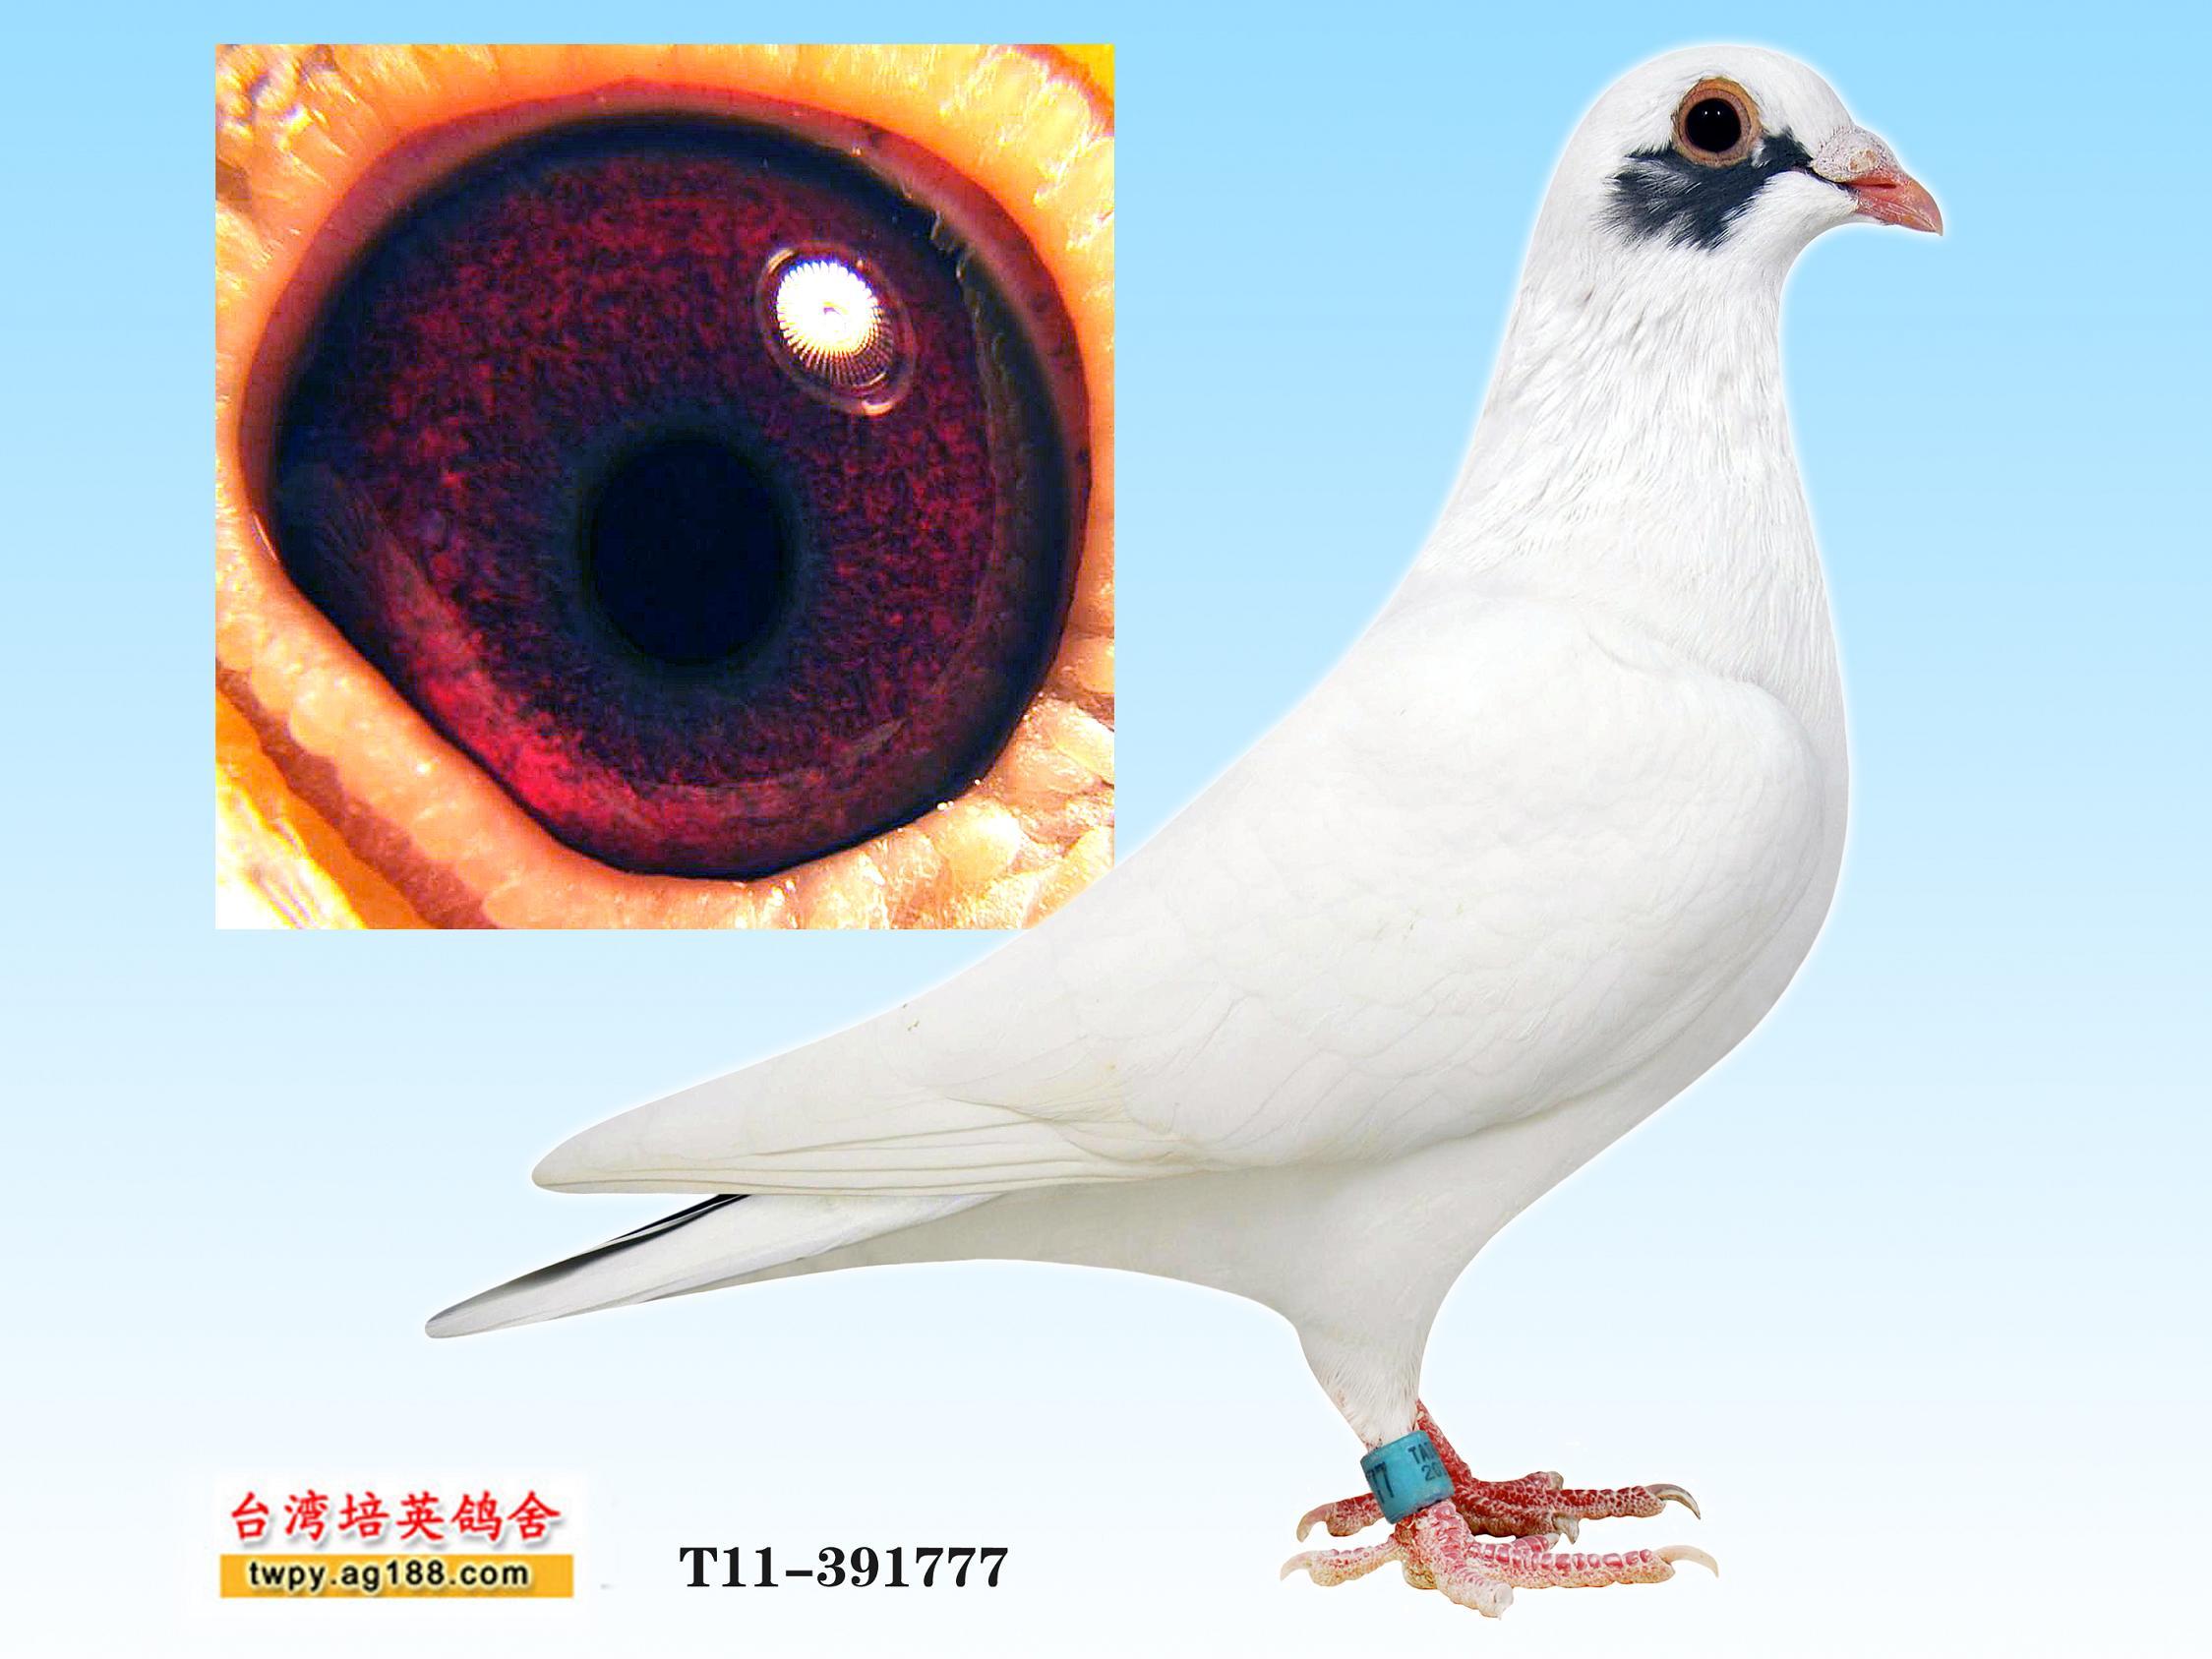 红绛信鸽眼砂配对图_信鸽眼砂图片展示_信鸽眼砂相关图片下载